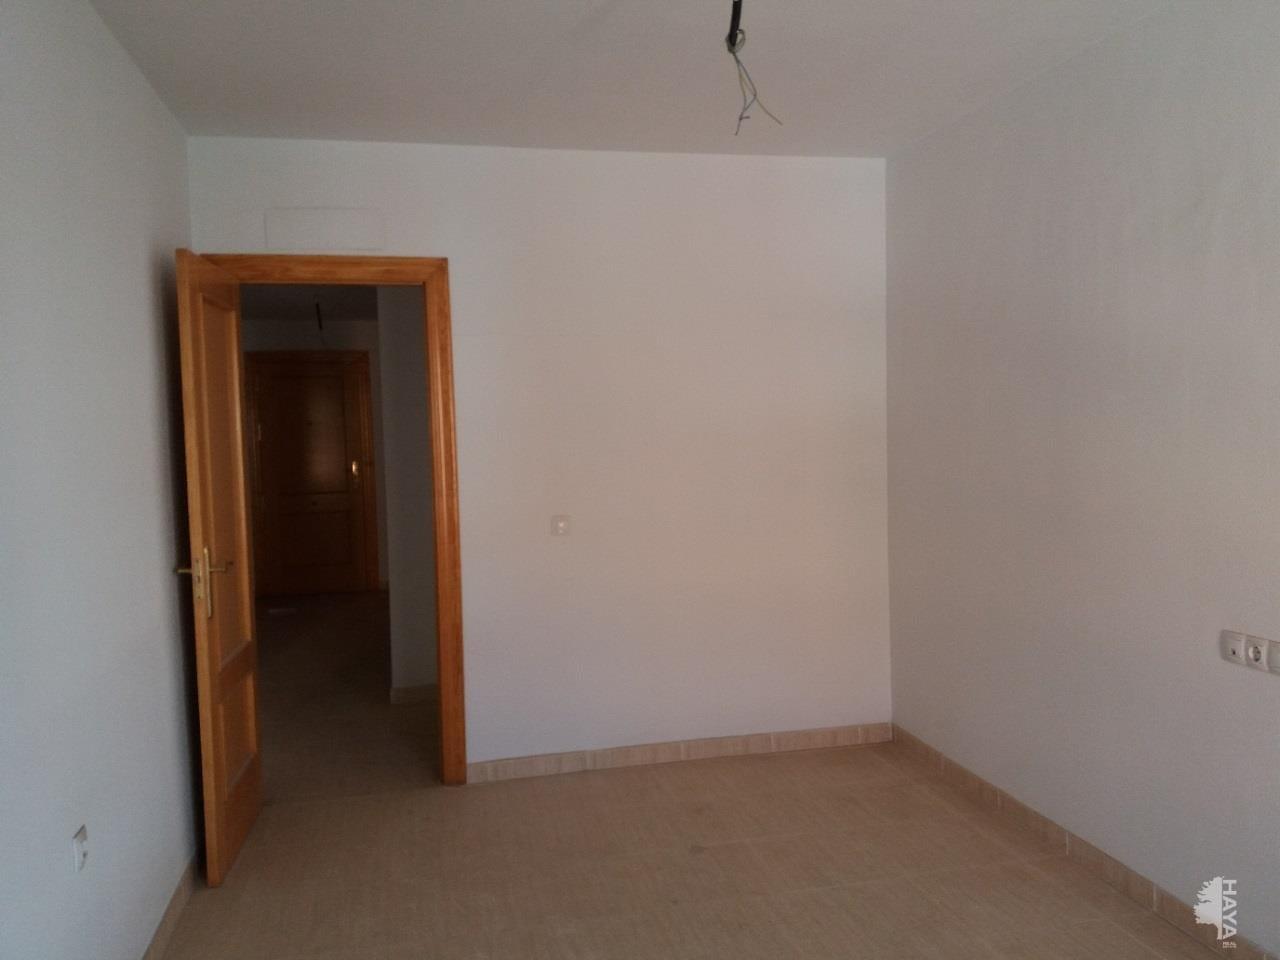 Piso en venta en Piso en Benahadux, Almería, 70.847 €, 2 habitaciones, 1 baño, 98 m2